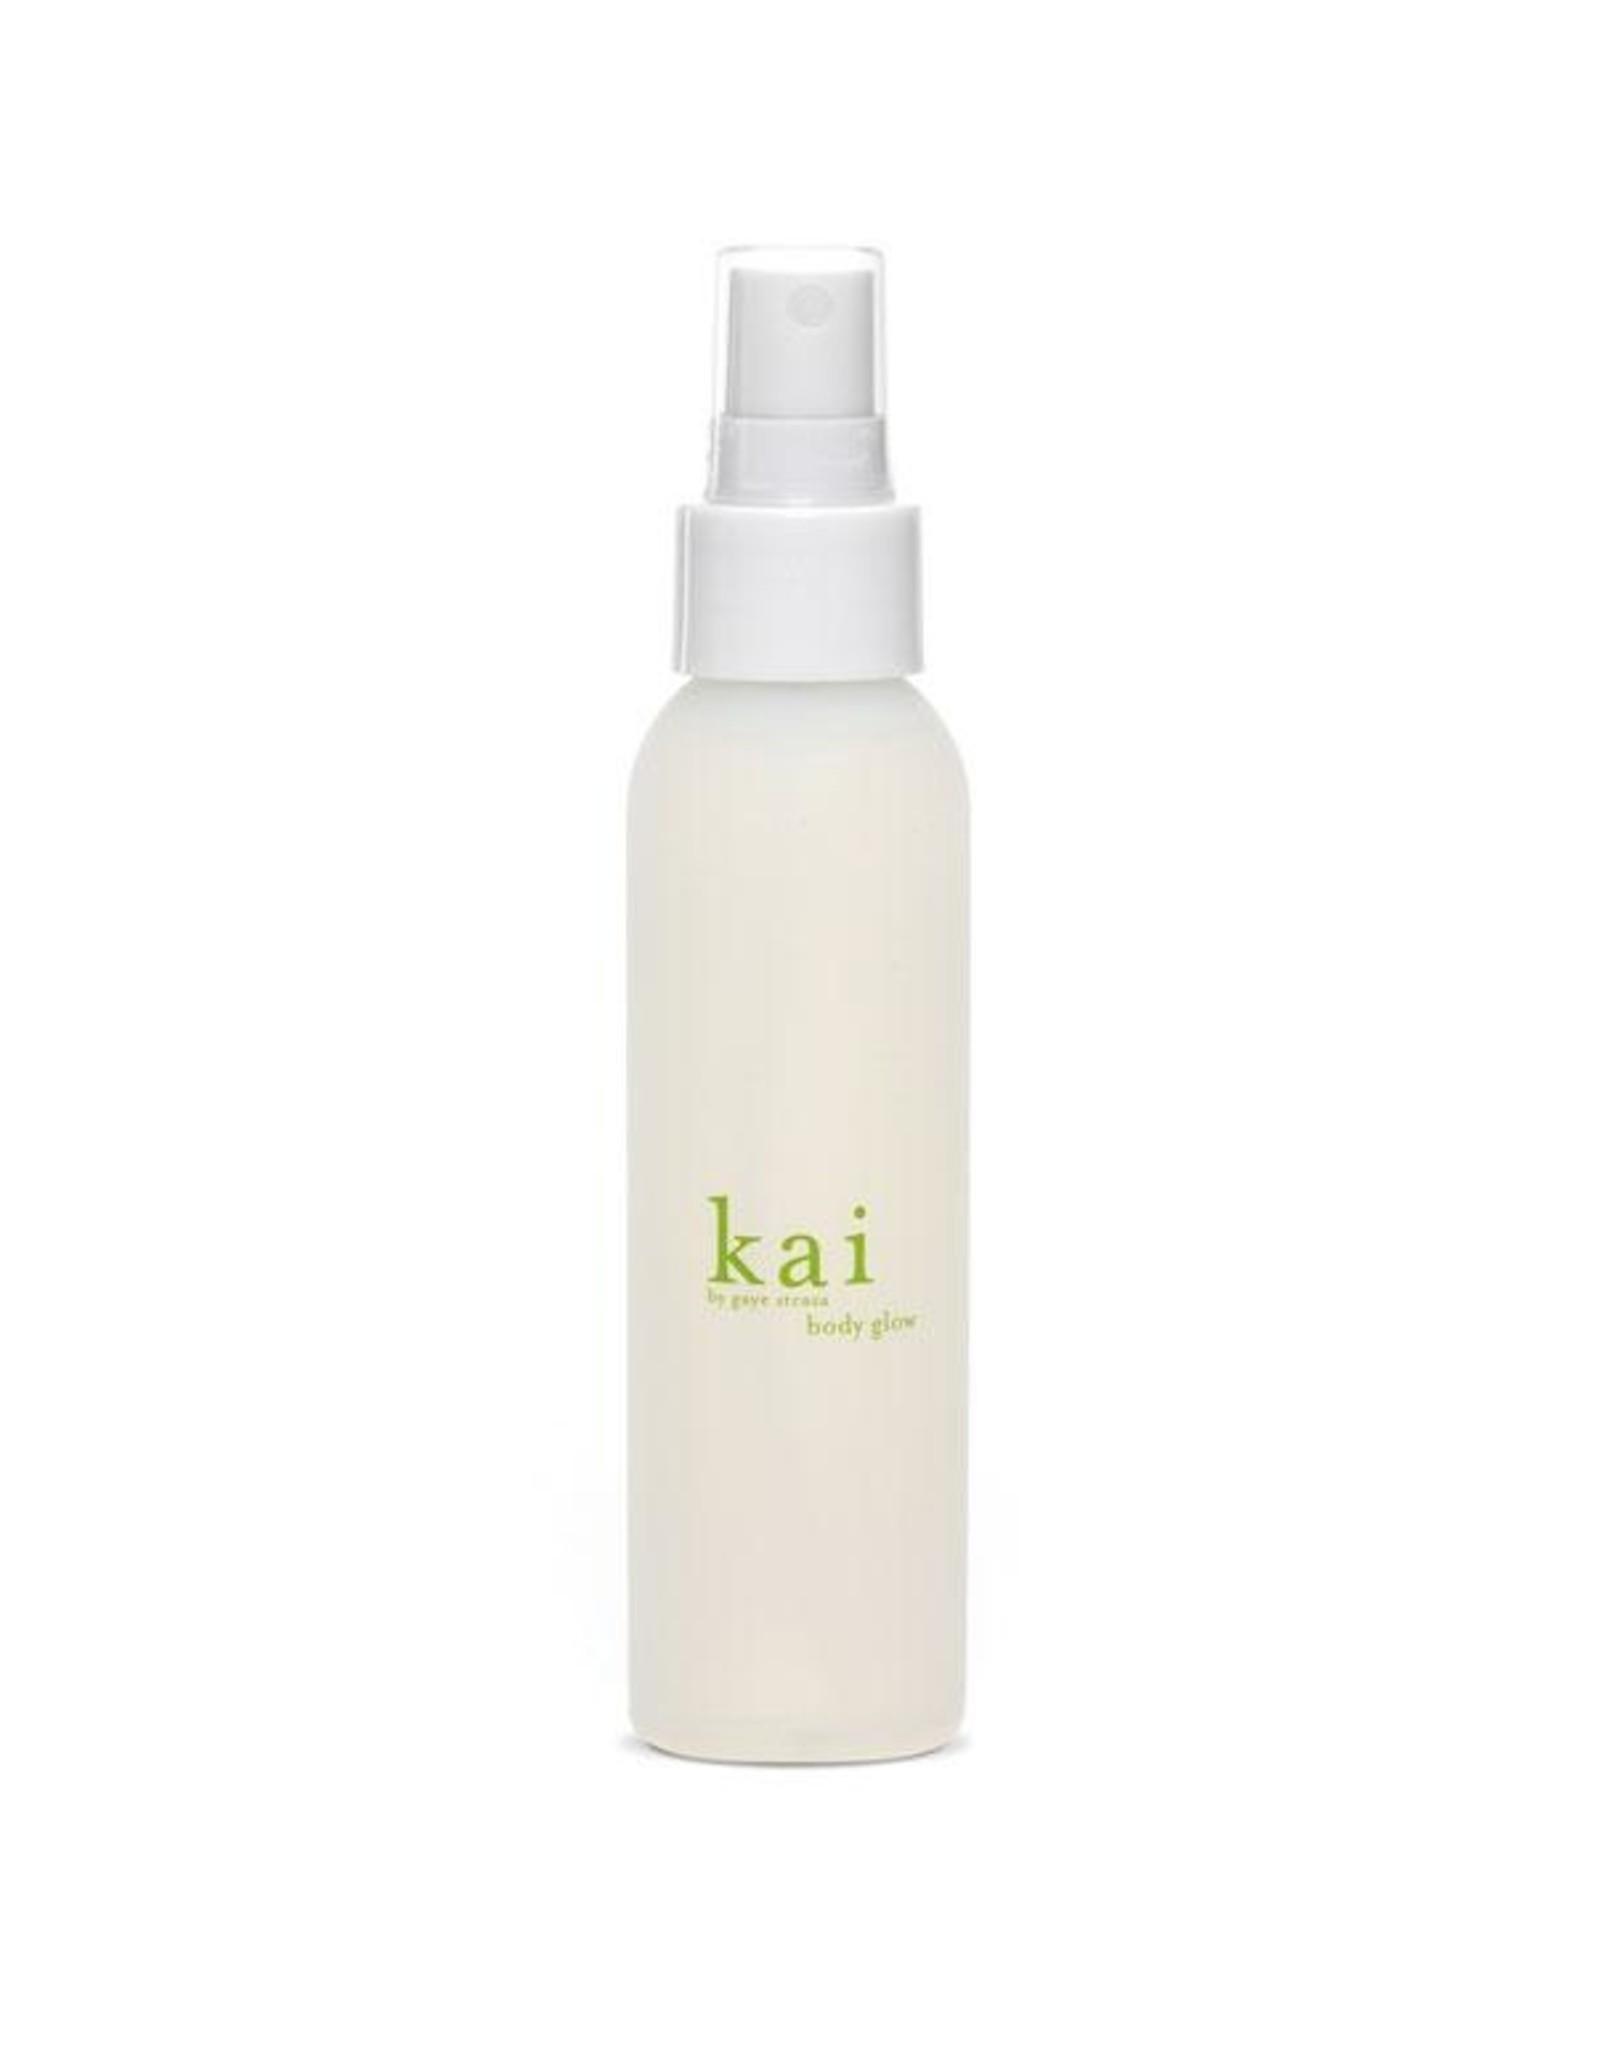 Kai Body Glow | Kai